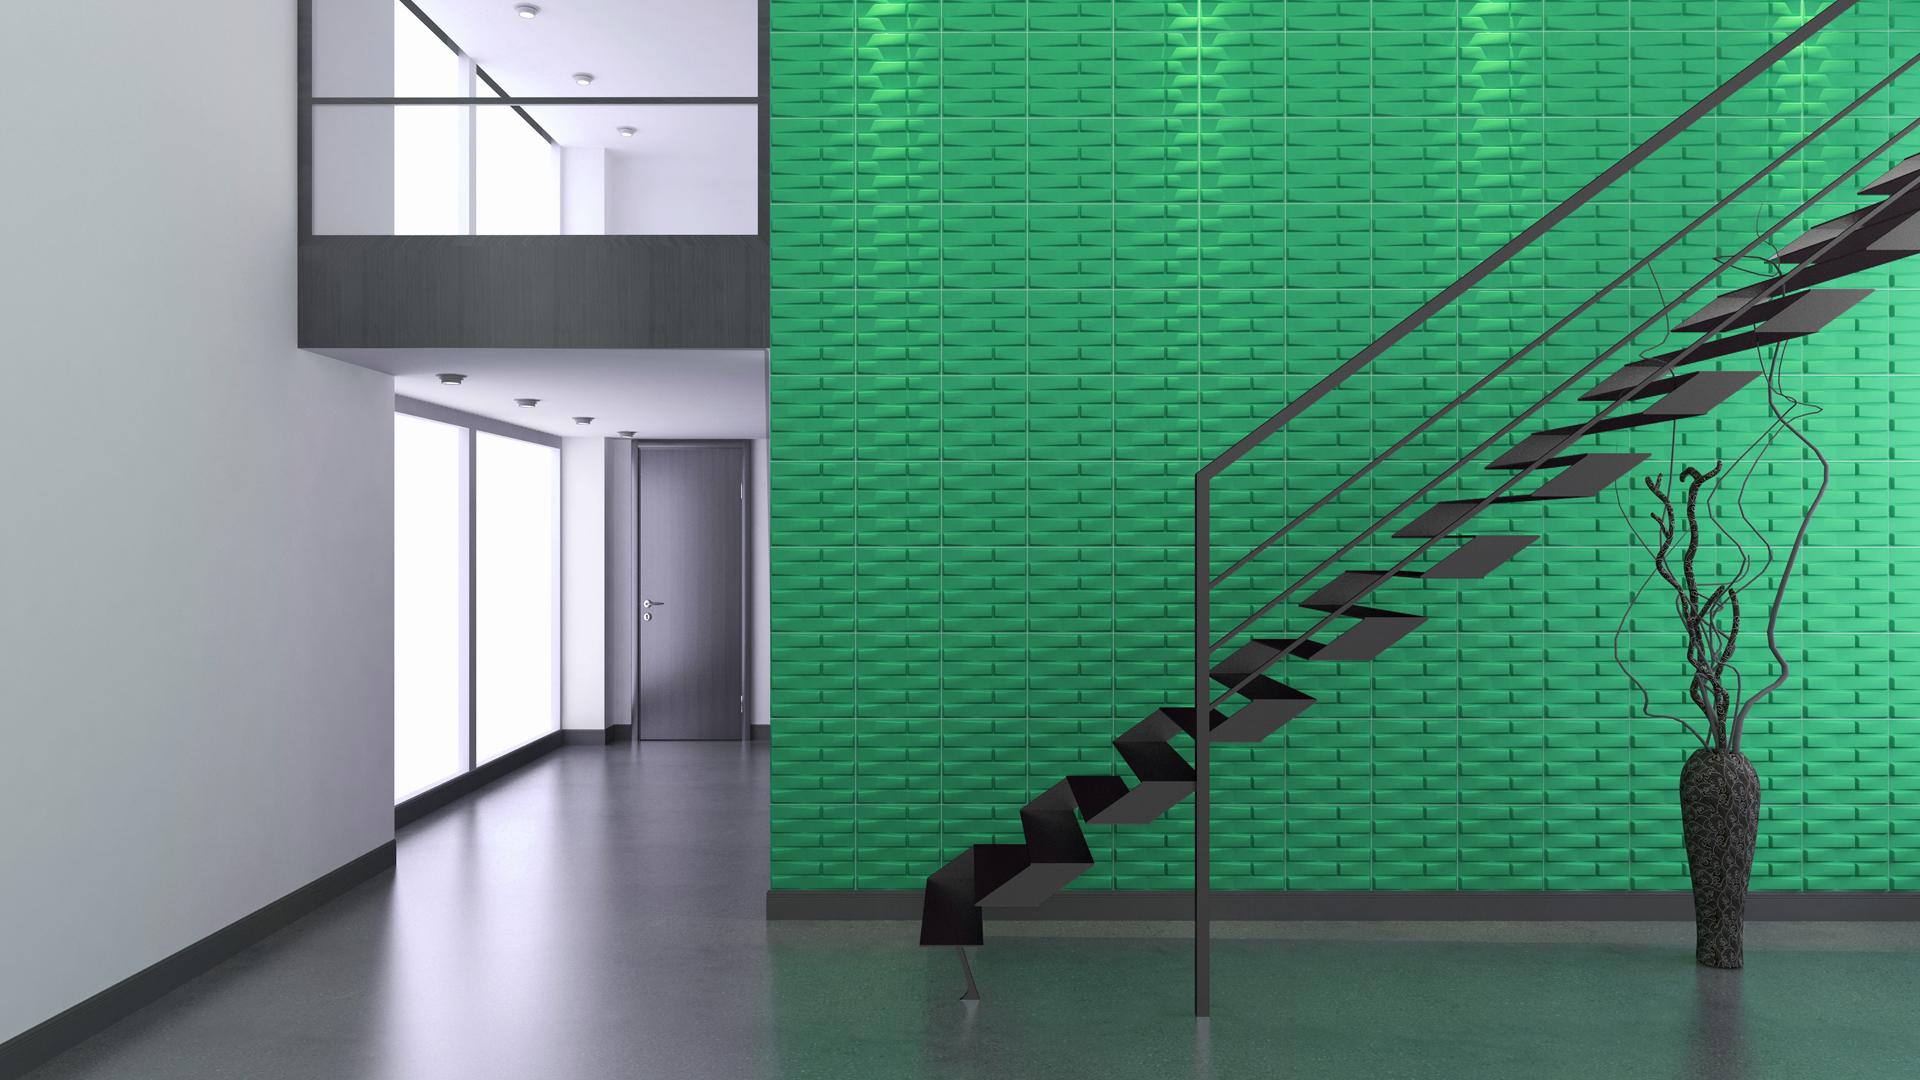 Flur und treppenhaus 3d wandpaneele deckenpaneele wandverkleidung aus bambus - Gestaltung treppenhaus bilder ...